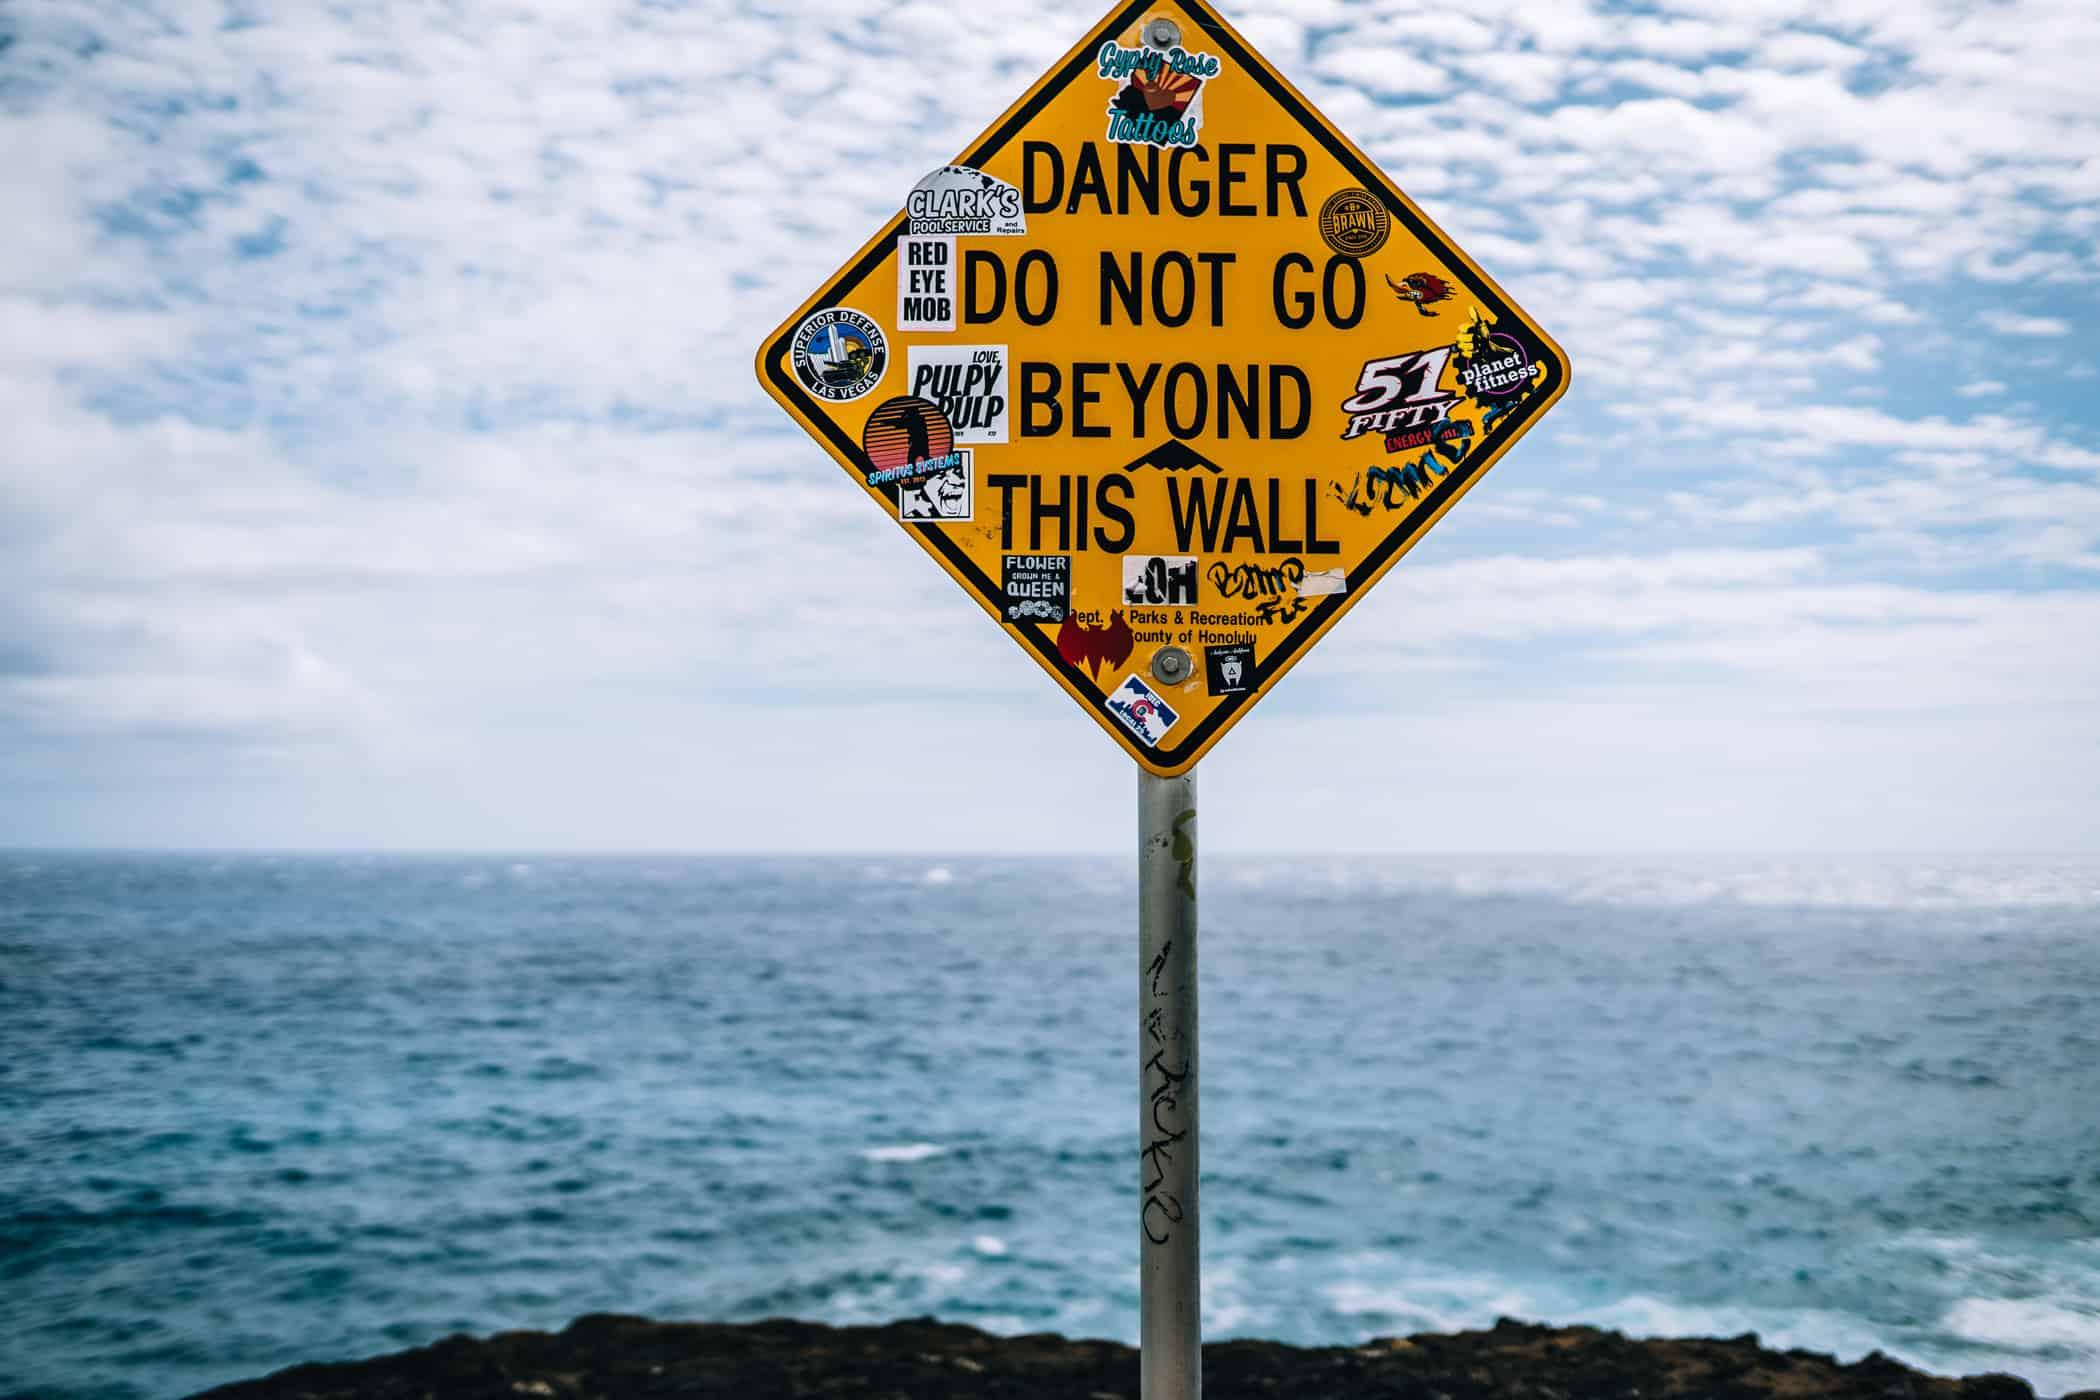 Hawaii Urlaub: Sicherheit und Gesundheit